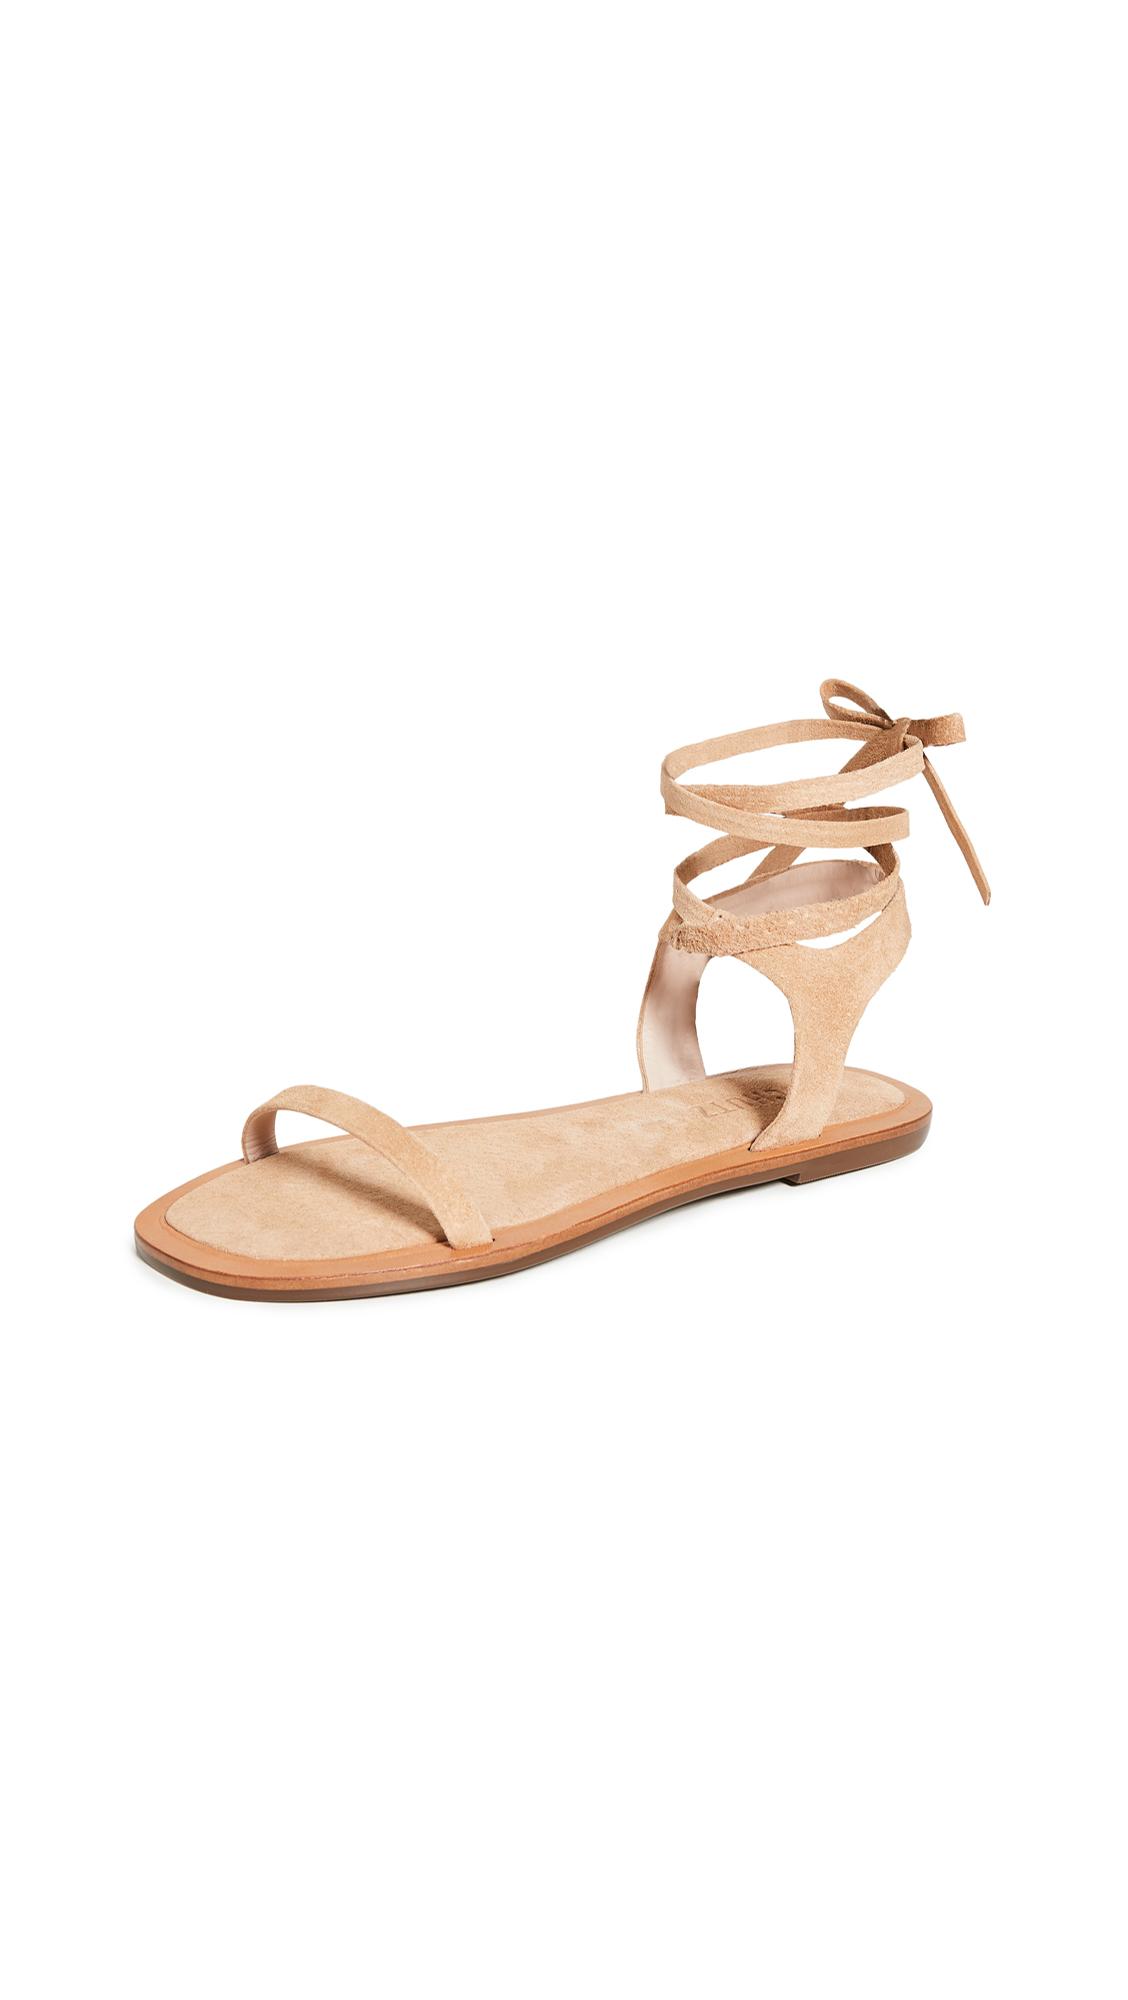 Buy Schutz Savi Sandals online, shop Schutz